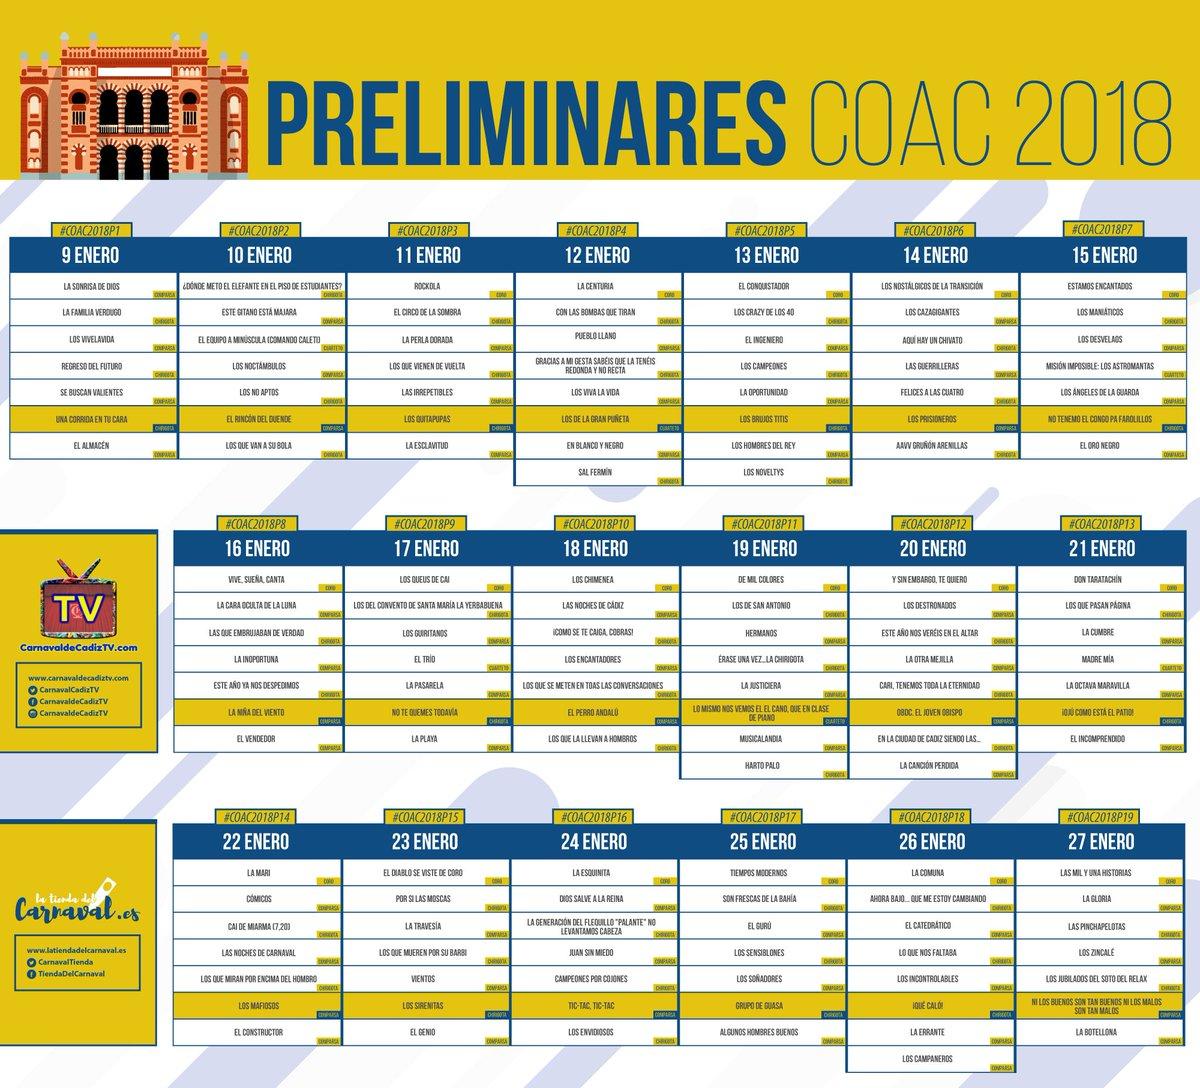 Calendario Coac 2019.Carnaval De Cadiz Tv On Twitter Poco Mas De 1 Mes Para El 2018